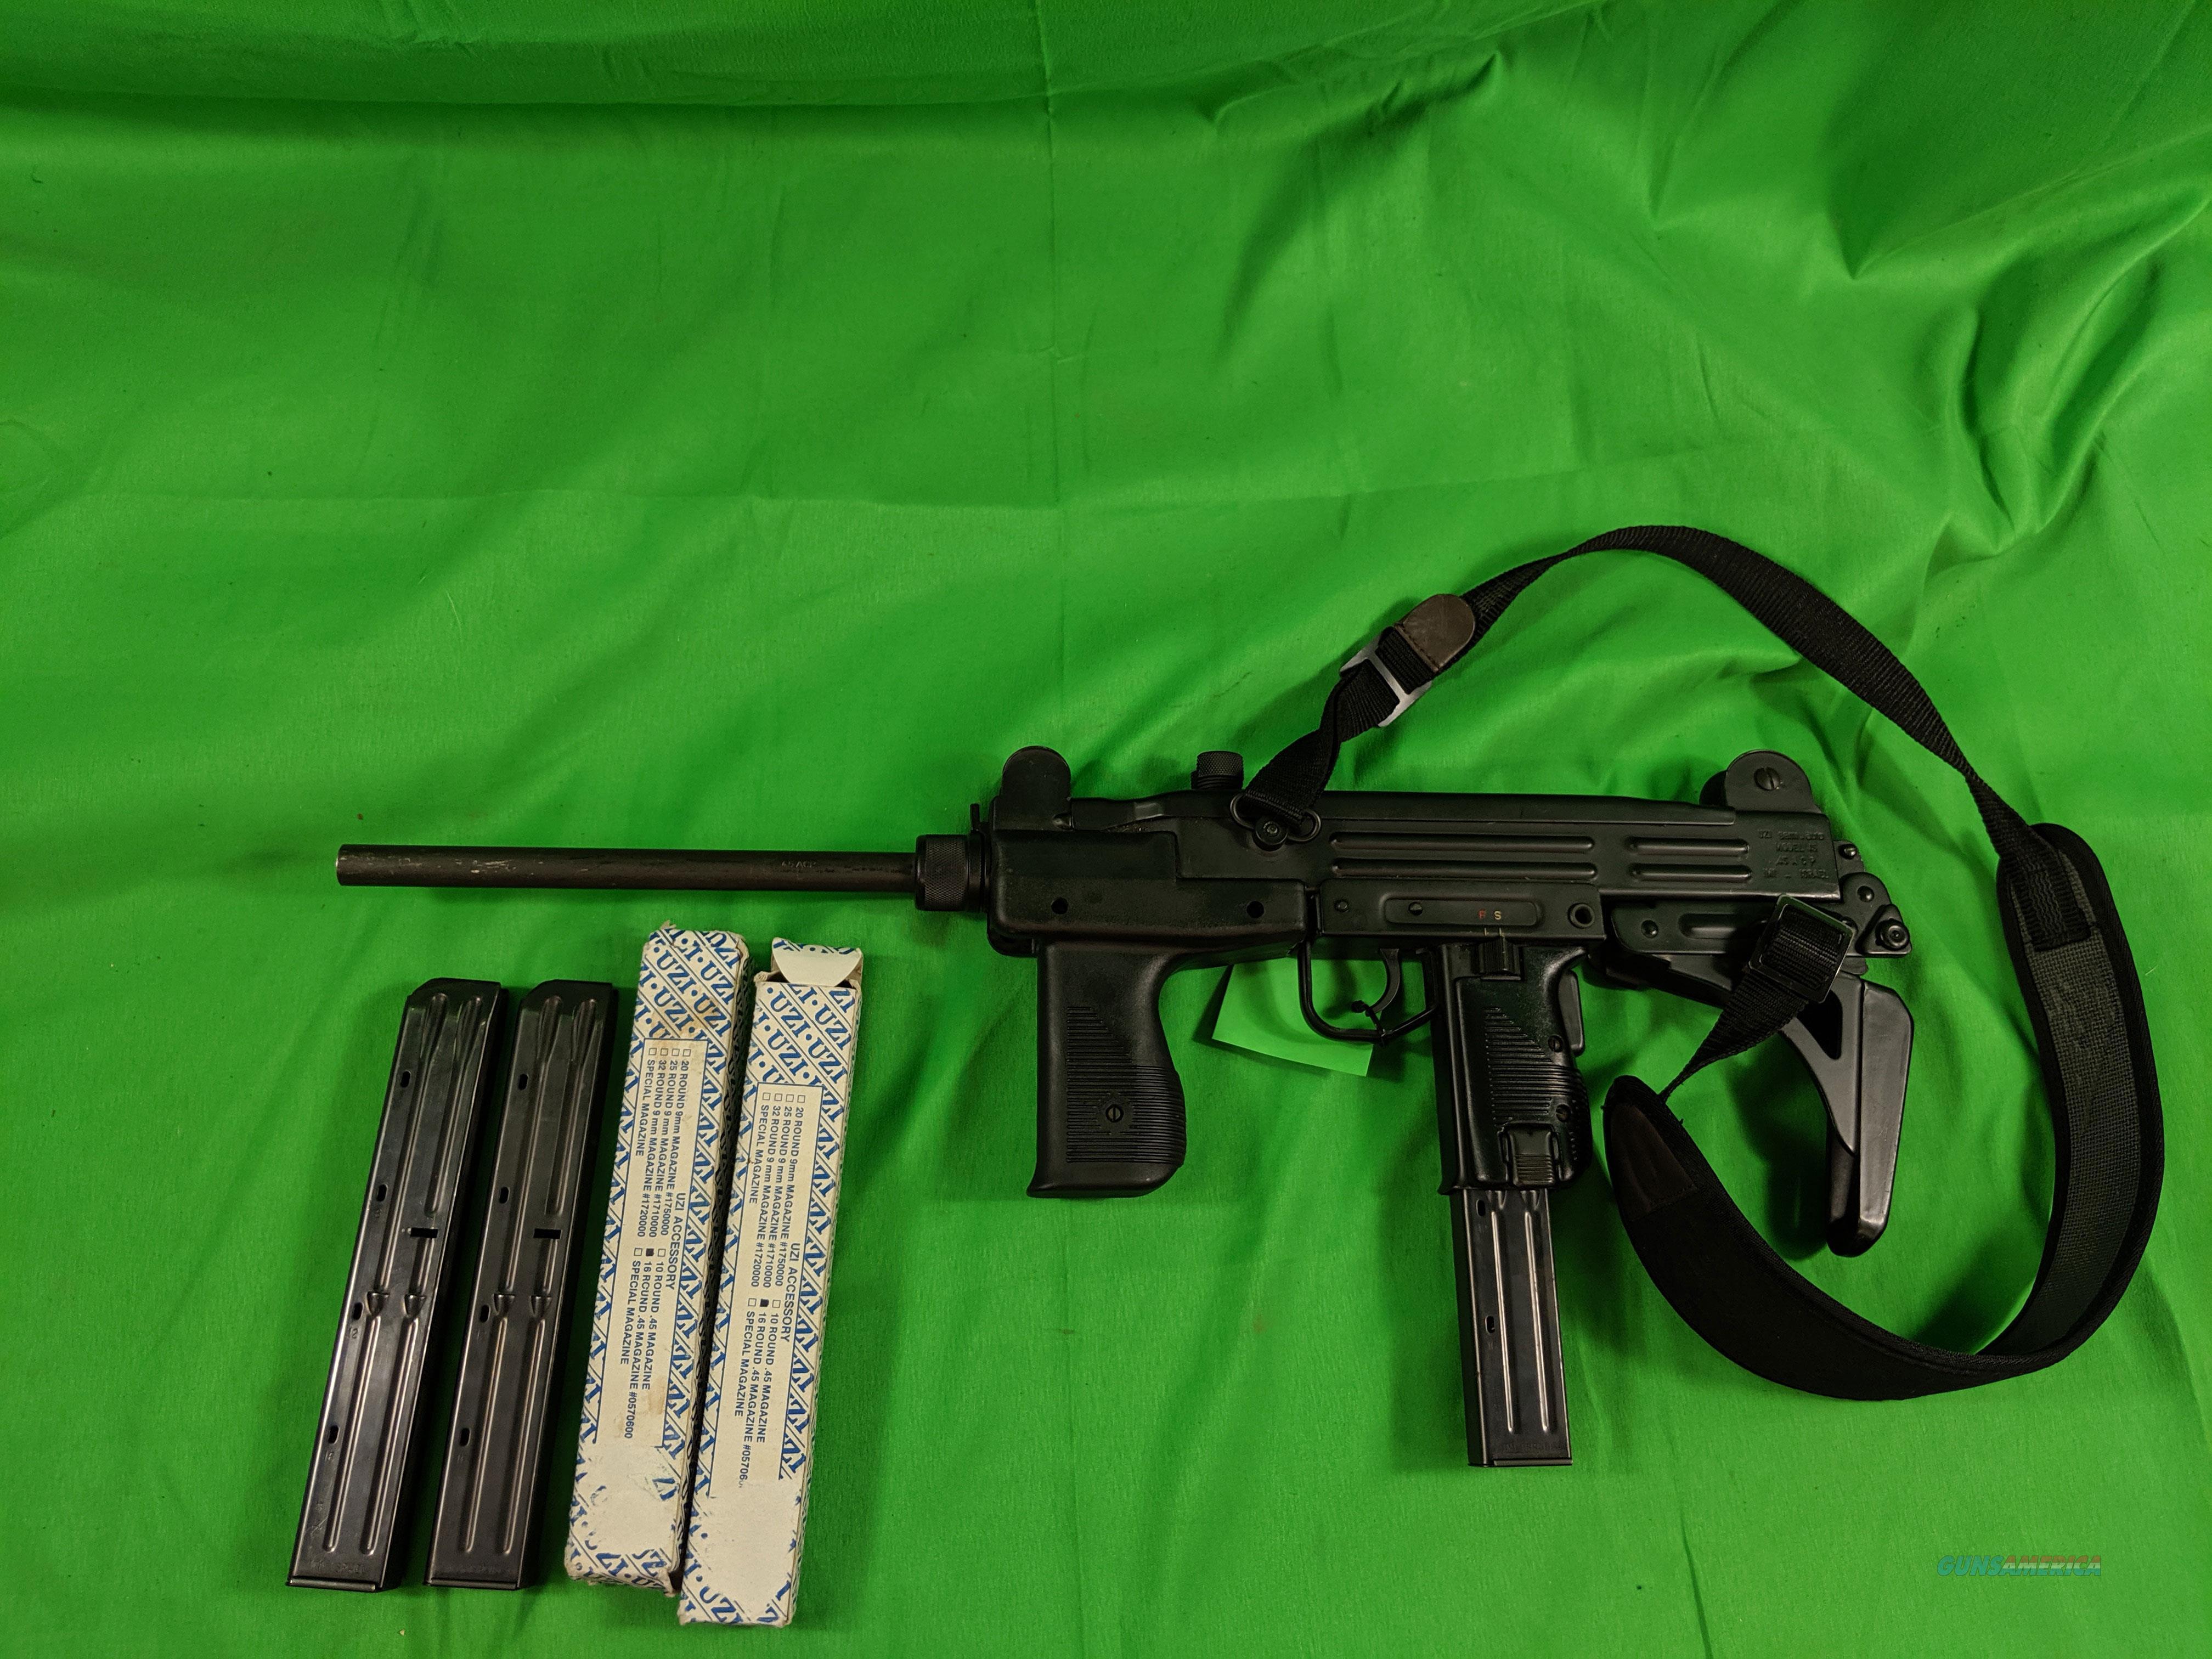 IMI Uzi in .45 ACP  Guns > Rifles > IMI Rifles